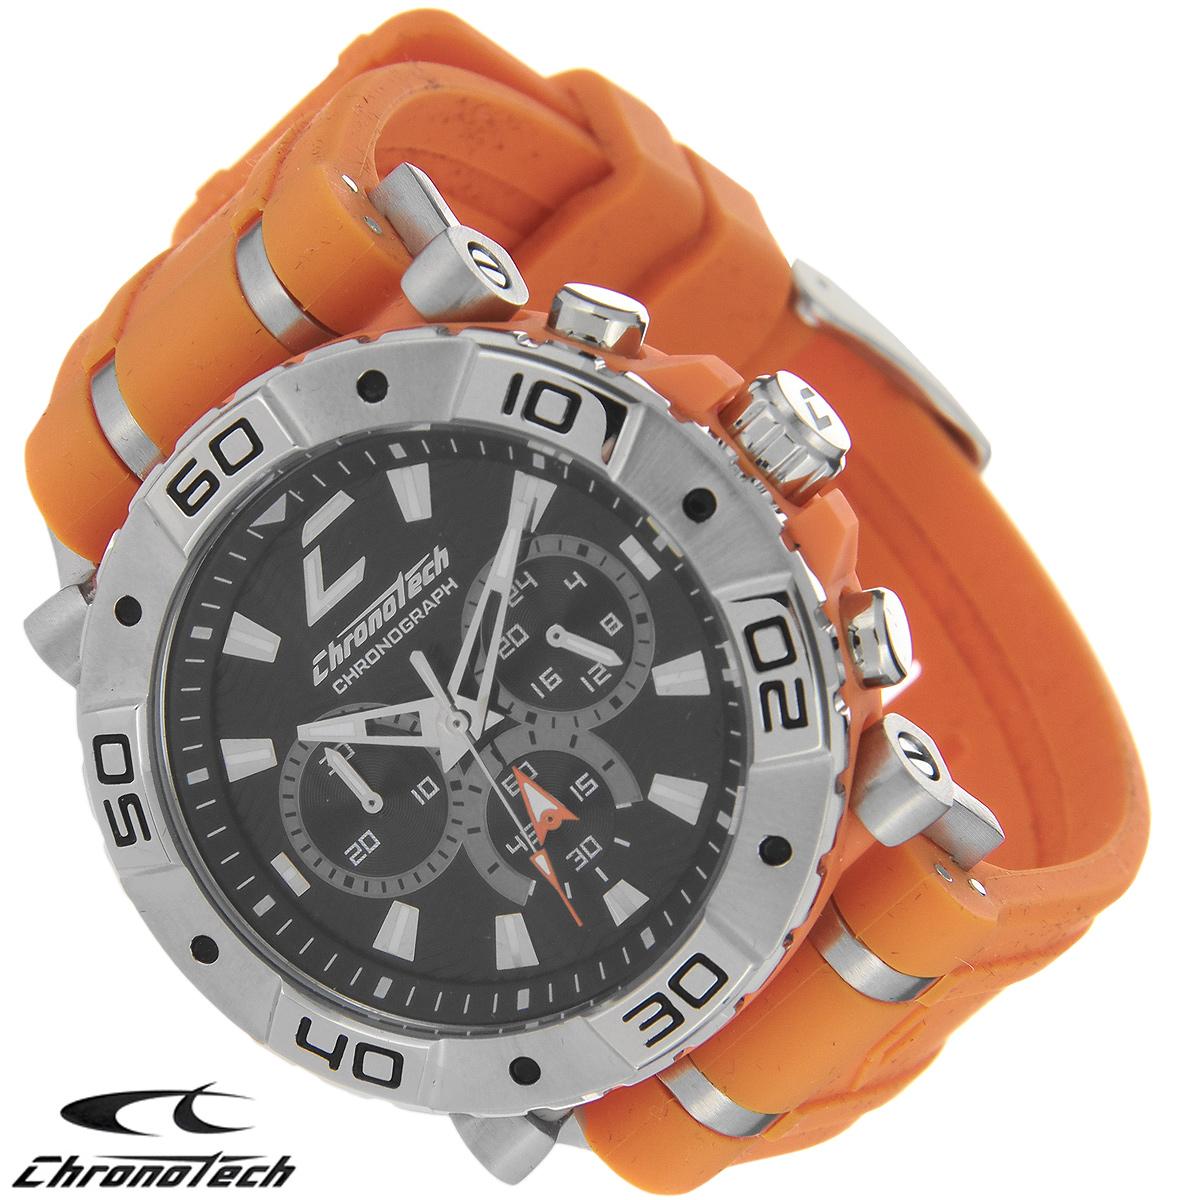 Часы мужские наручные Chronotech, цвет: оранжевый. RW0037RW0037Часы Chronotech - это часы для современных и стильных людей, которые стремятся выделиться из толпы и подчеркнуть свою индивидуальность. Корпус часов выполнен из нержавеющей стали. Циферблат оформлен отметками и защищен минеральным стеклом. Часы имеют три стрелки - часовую, минутную и секундную. Стрелки и отметки светятся в темноте. Ремешок часов выполнен из каучука и застегивается на классическую застежку. Часы выполнены в спортивном стиле. Часы упакованы в фирменную коробку с логотипом компании Chronotech. Такой аксессуар добавит вашему образу стиля и подчеркнет безупречный вкус своего владельца. Характеристики: Диаметр циферблата: 3,3 см. Размер корпуса: 4,5 см х 4 см х 1 см. Длина ремешка (с корпусом): 24,5 см. Ширина ремешка: 2,4 см.